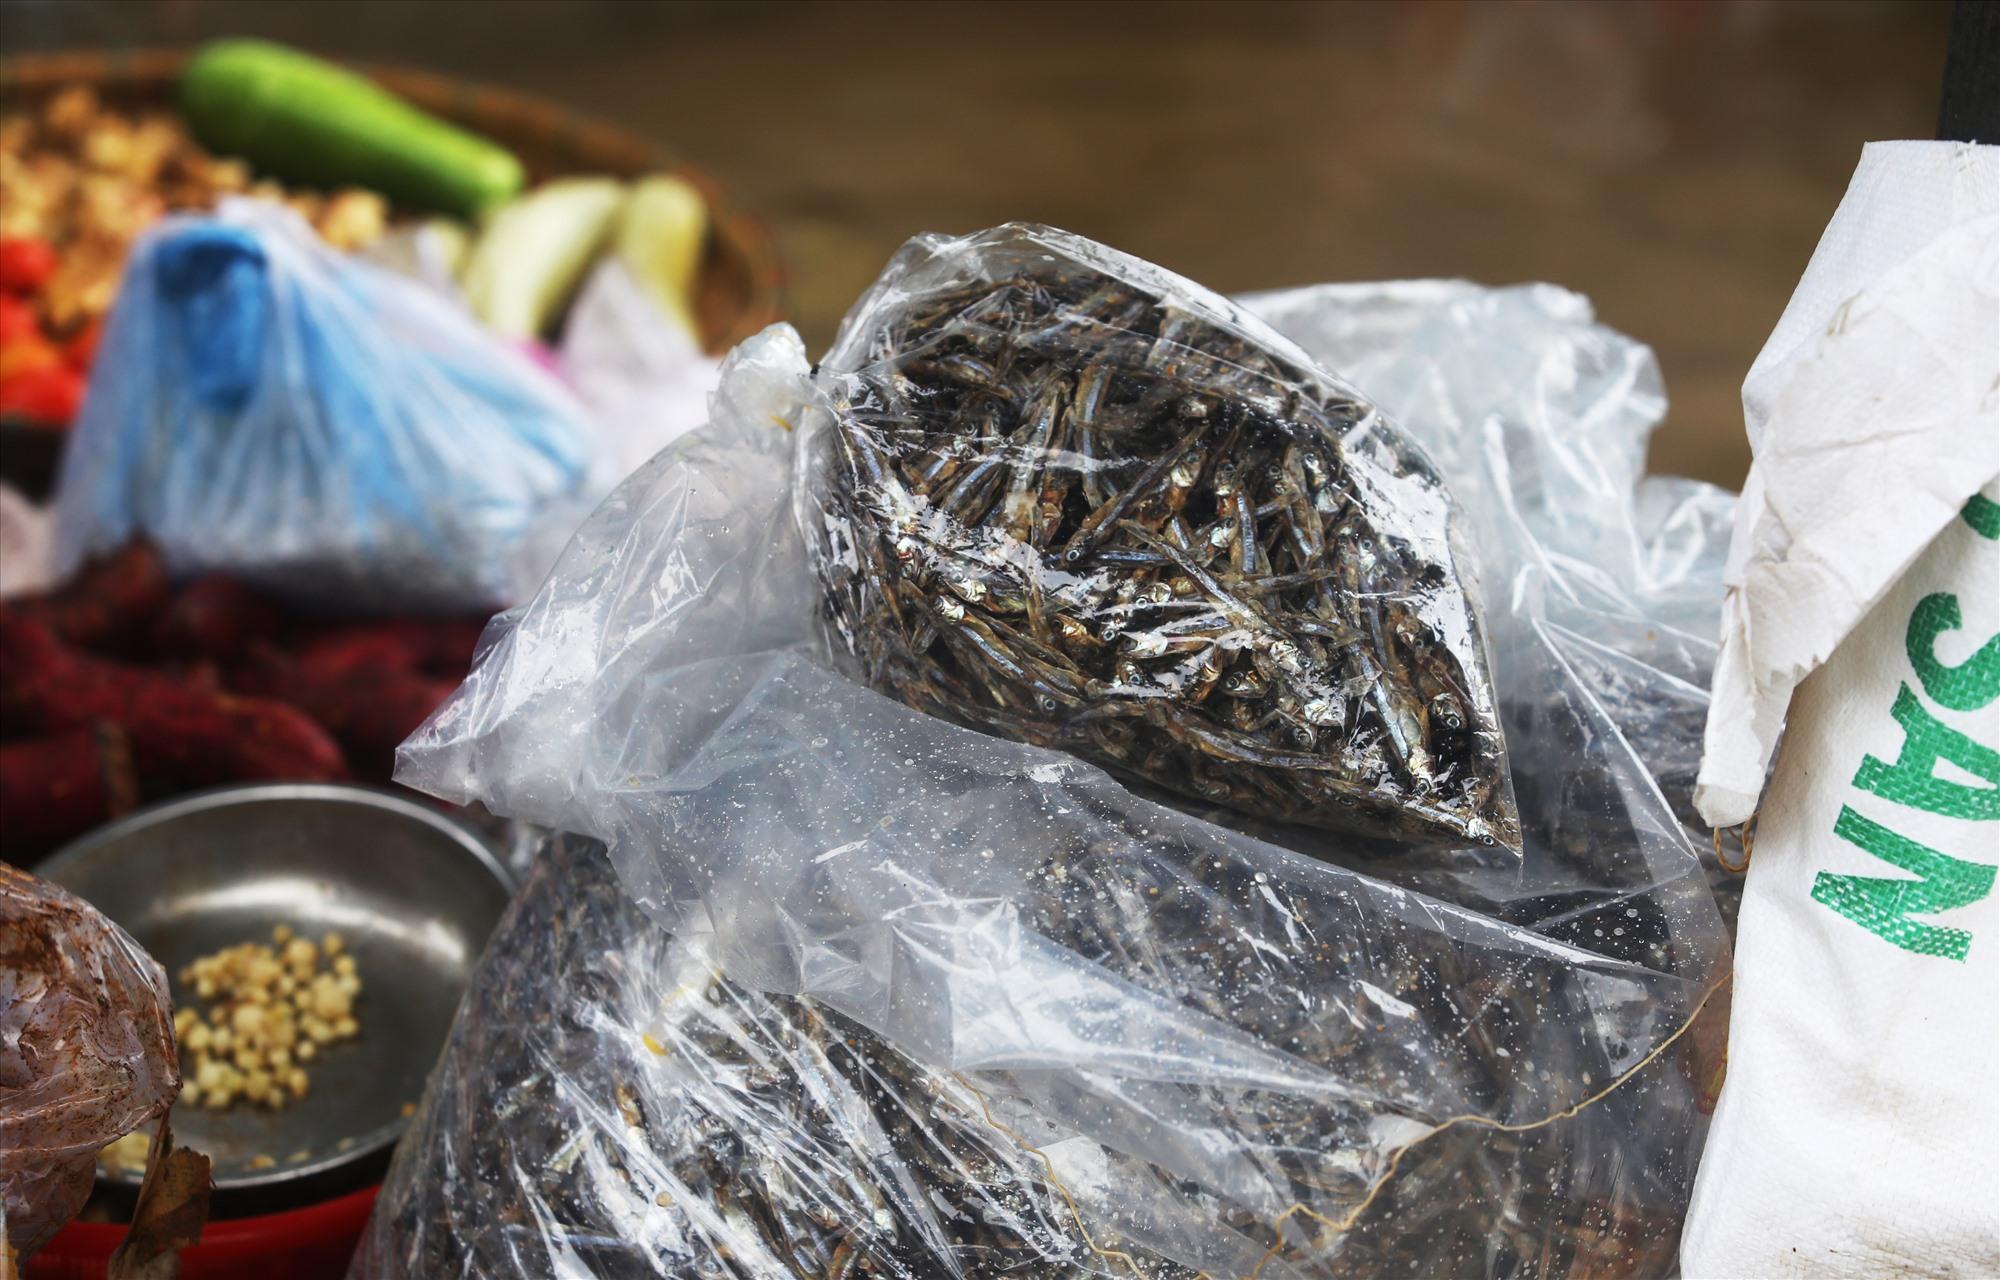 Cá khô là mặt hàng được nhiều người mua tại chợ.